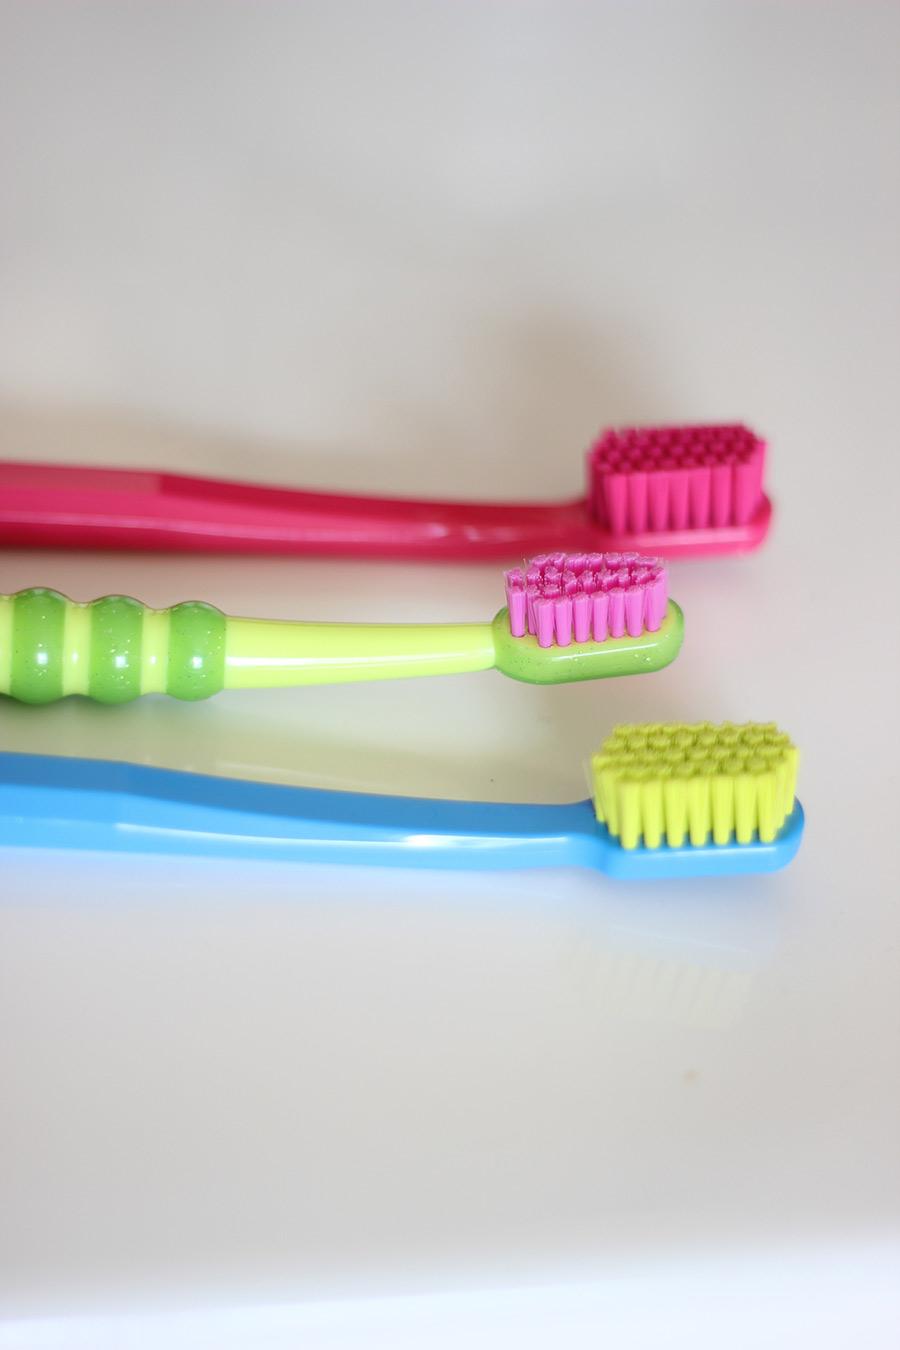 CURAPROX Mitos e verdades sobre higiene oral